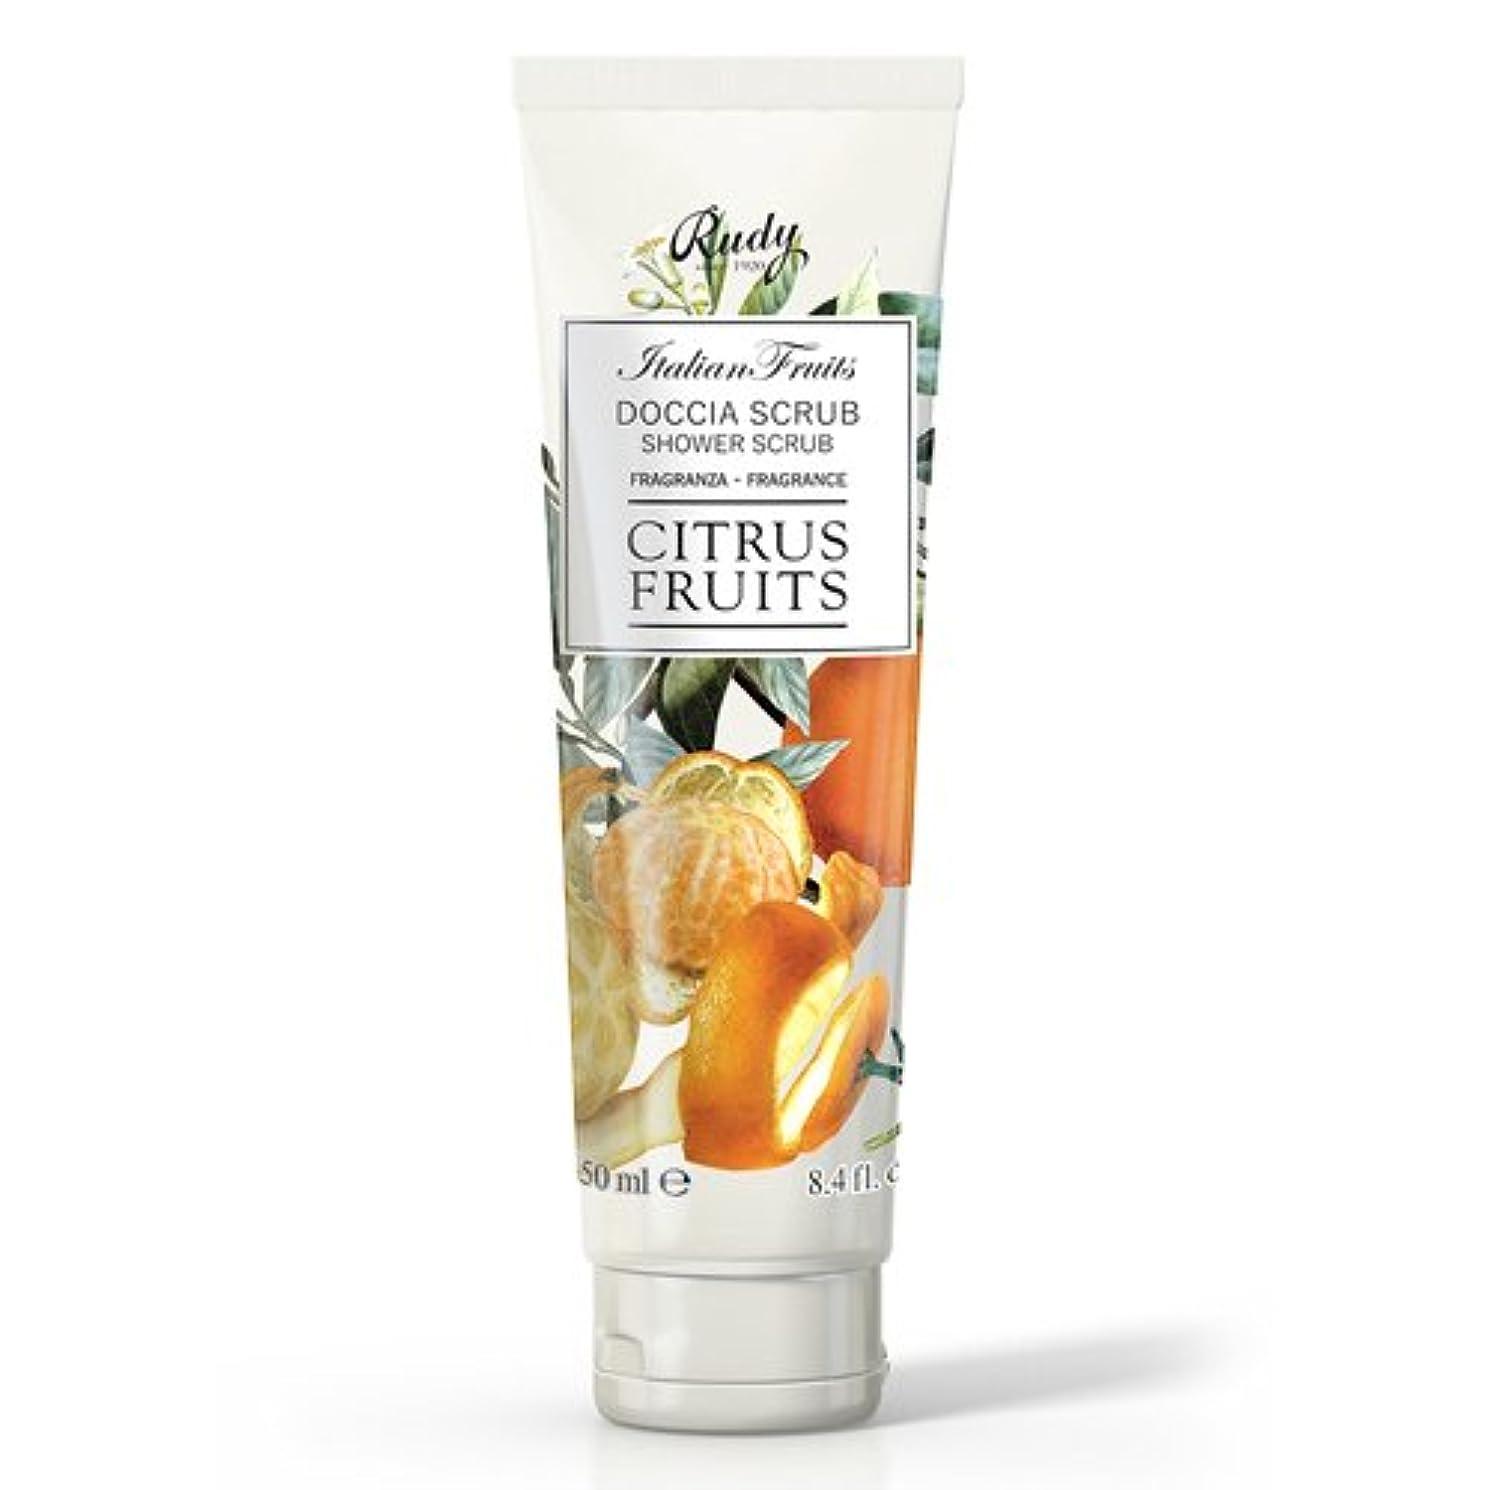 キャプチャー転倒ピクニックRUDY Italian Fruits Series ルディ イタリアンフルーツ Shower Scrub シャワースクラブ Citrus Fruits